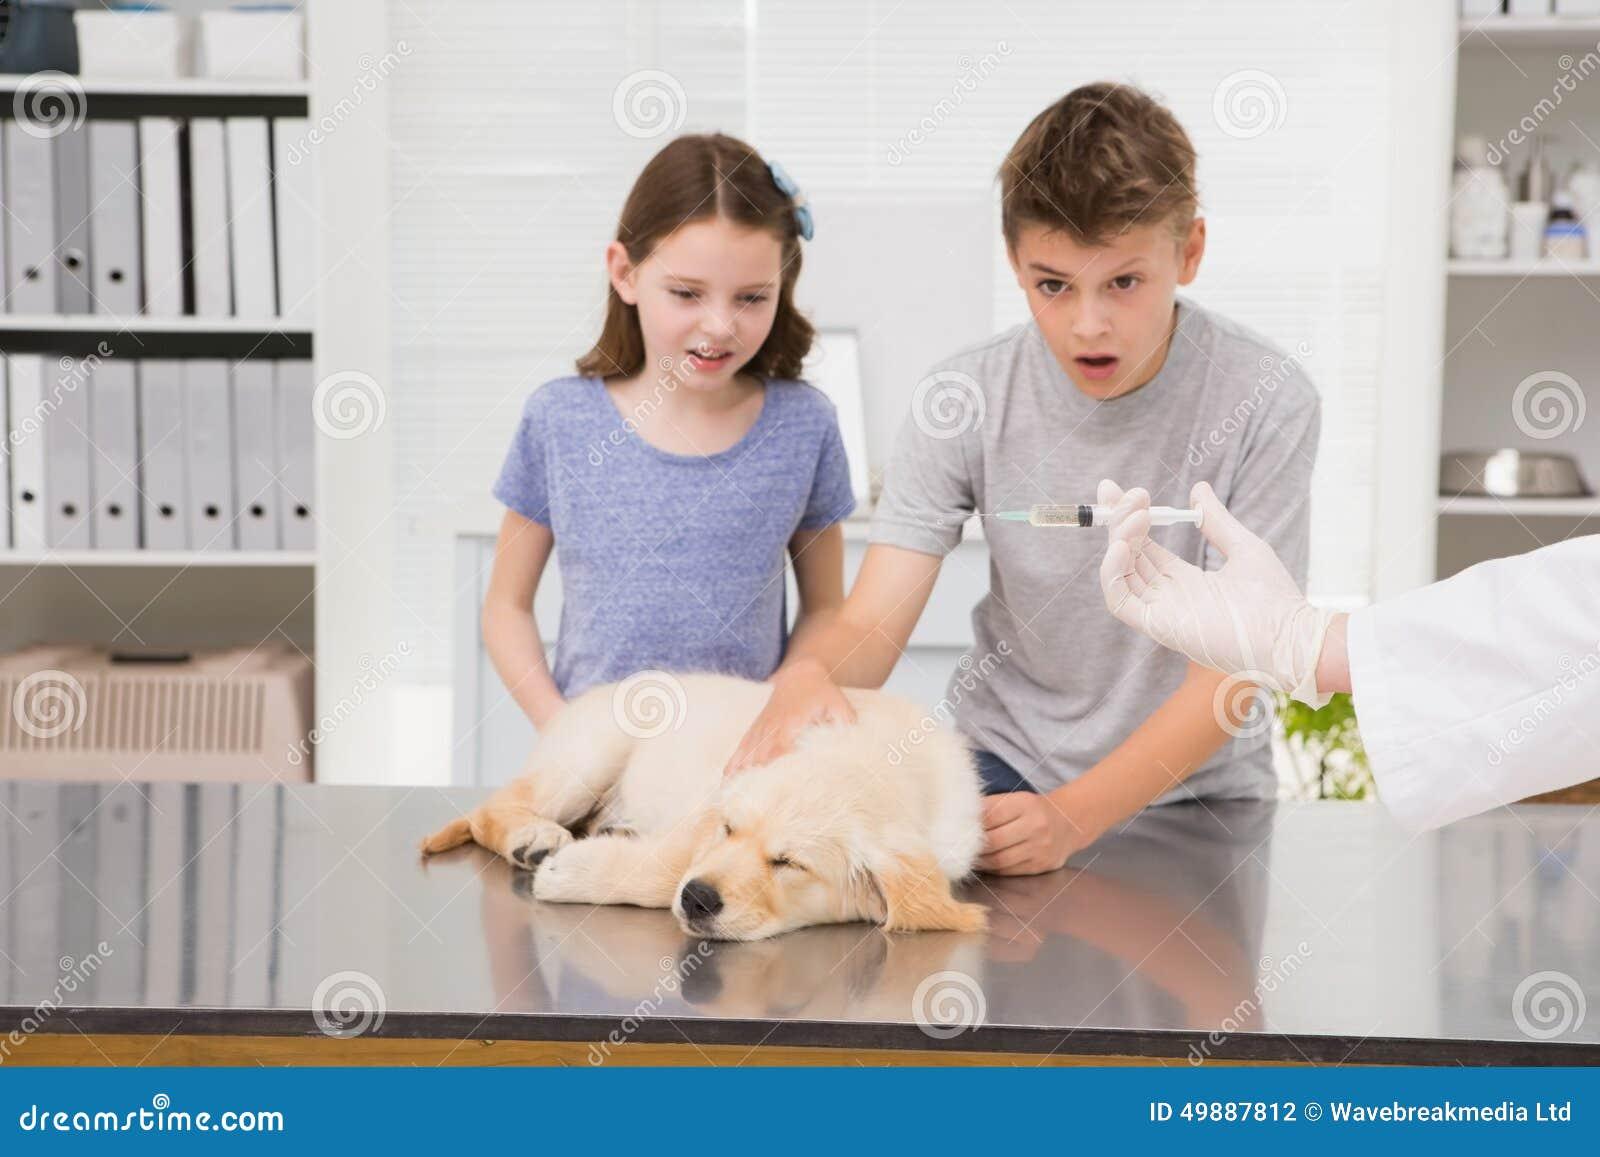 Contrôlez examiner un chien avec son propriétaire effrayé